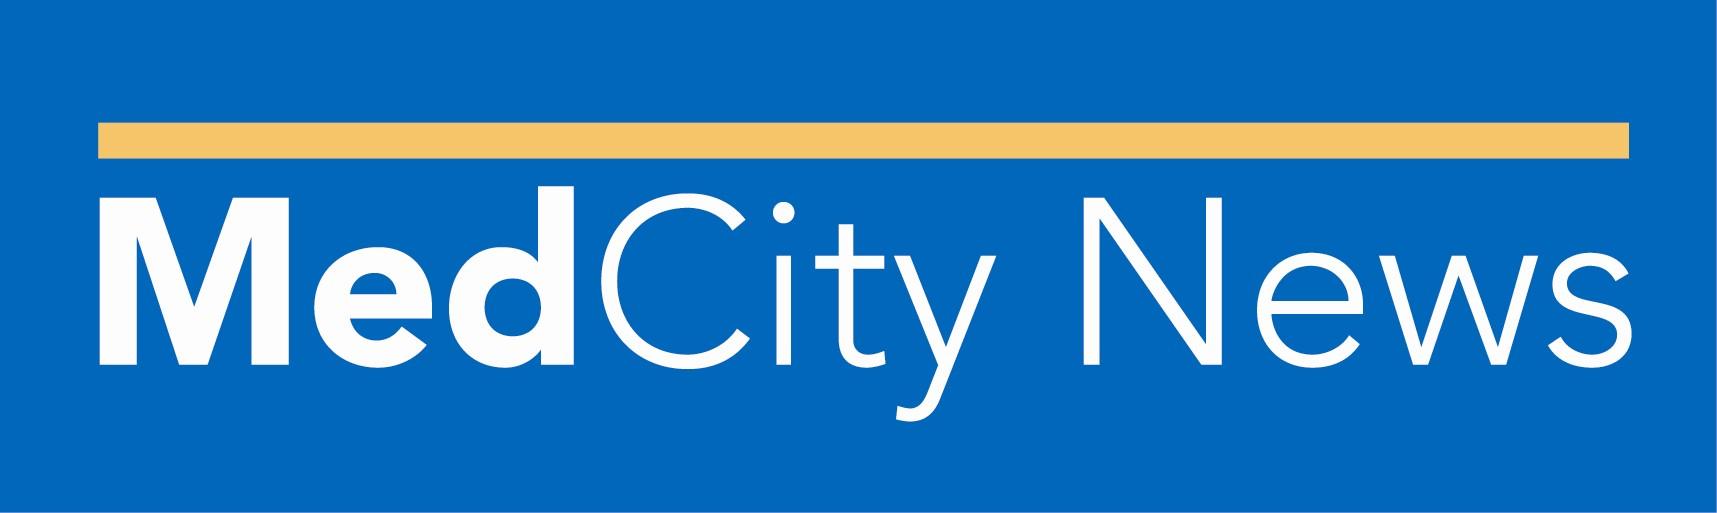 medcity-news-logo1.jpg